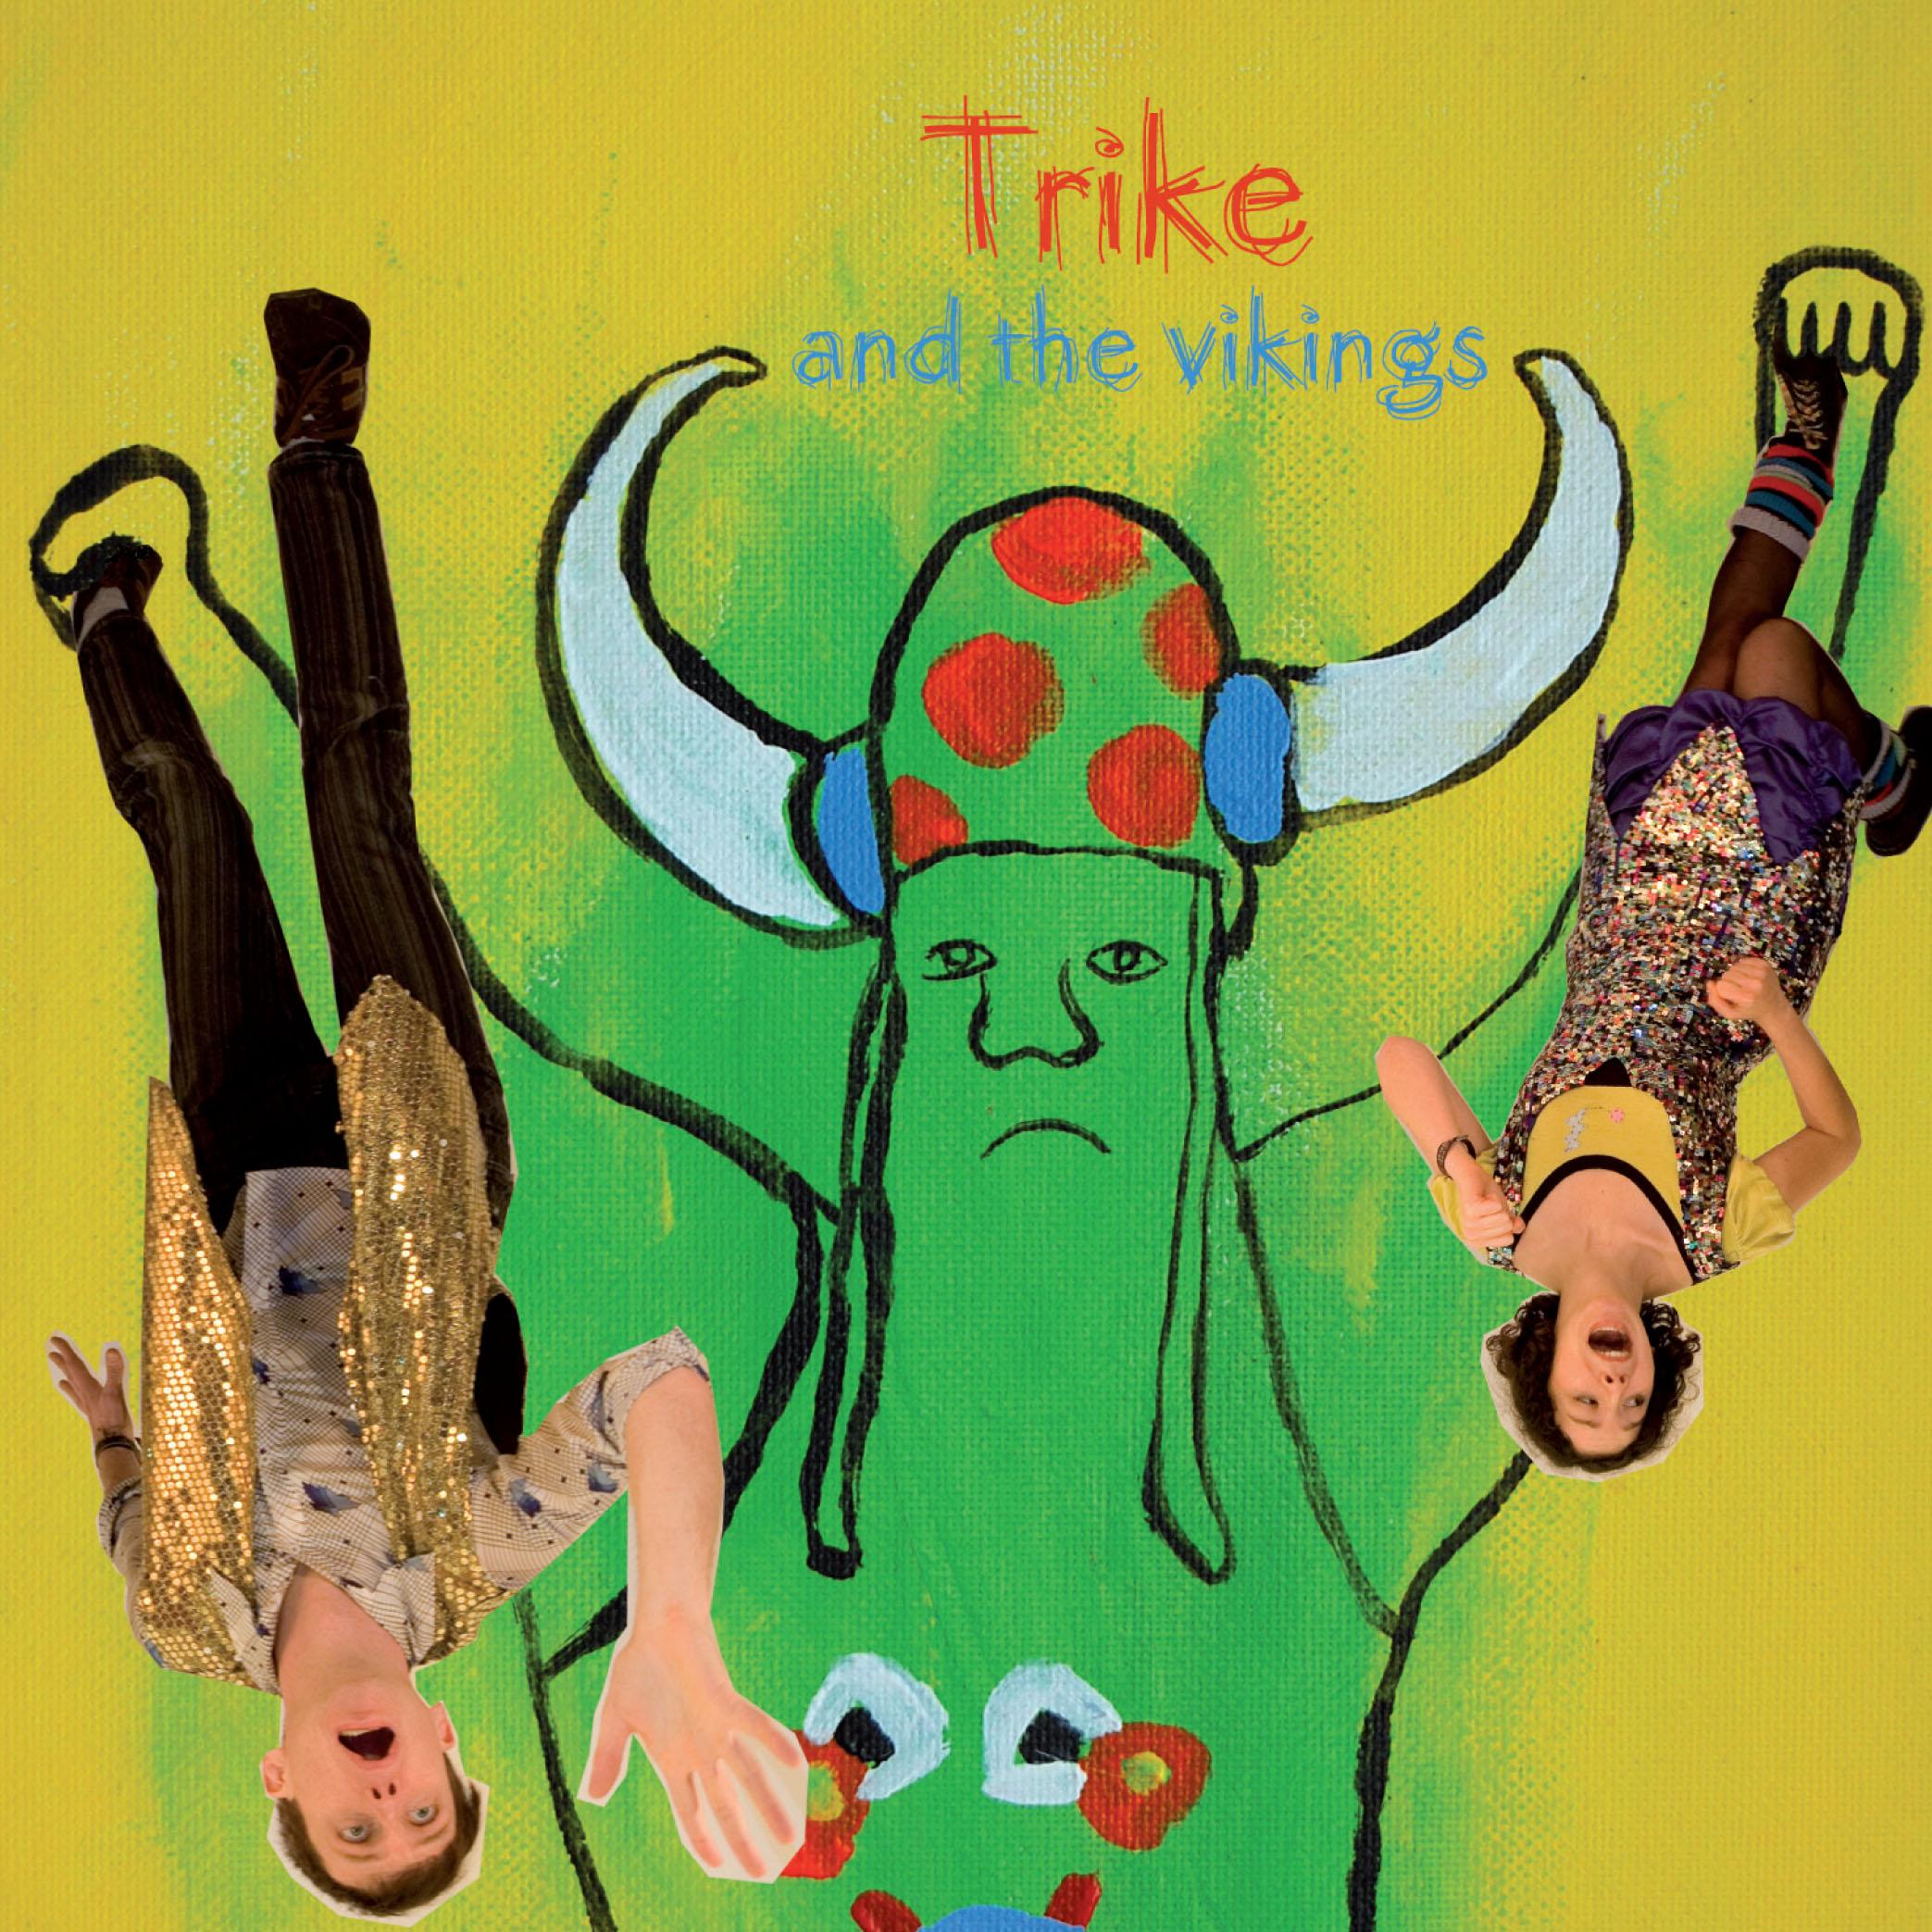 trike_vikings_6.jpg